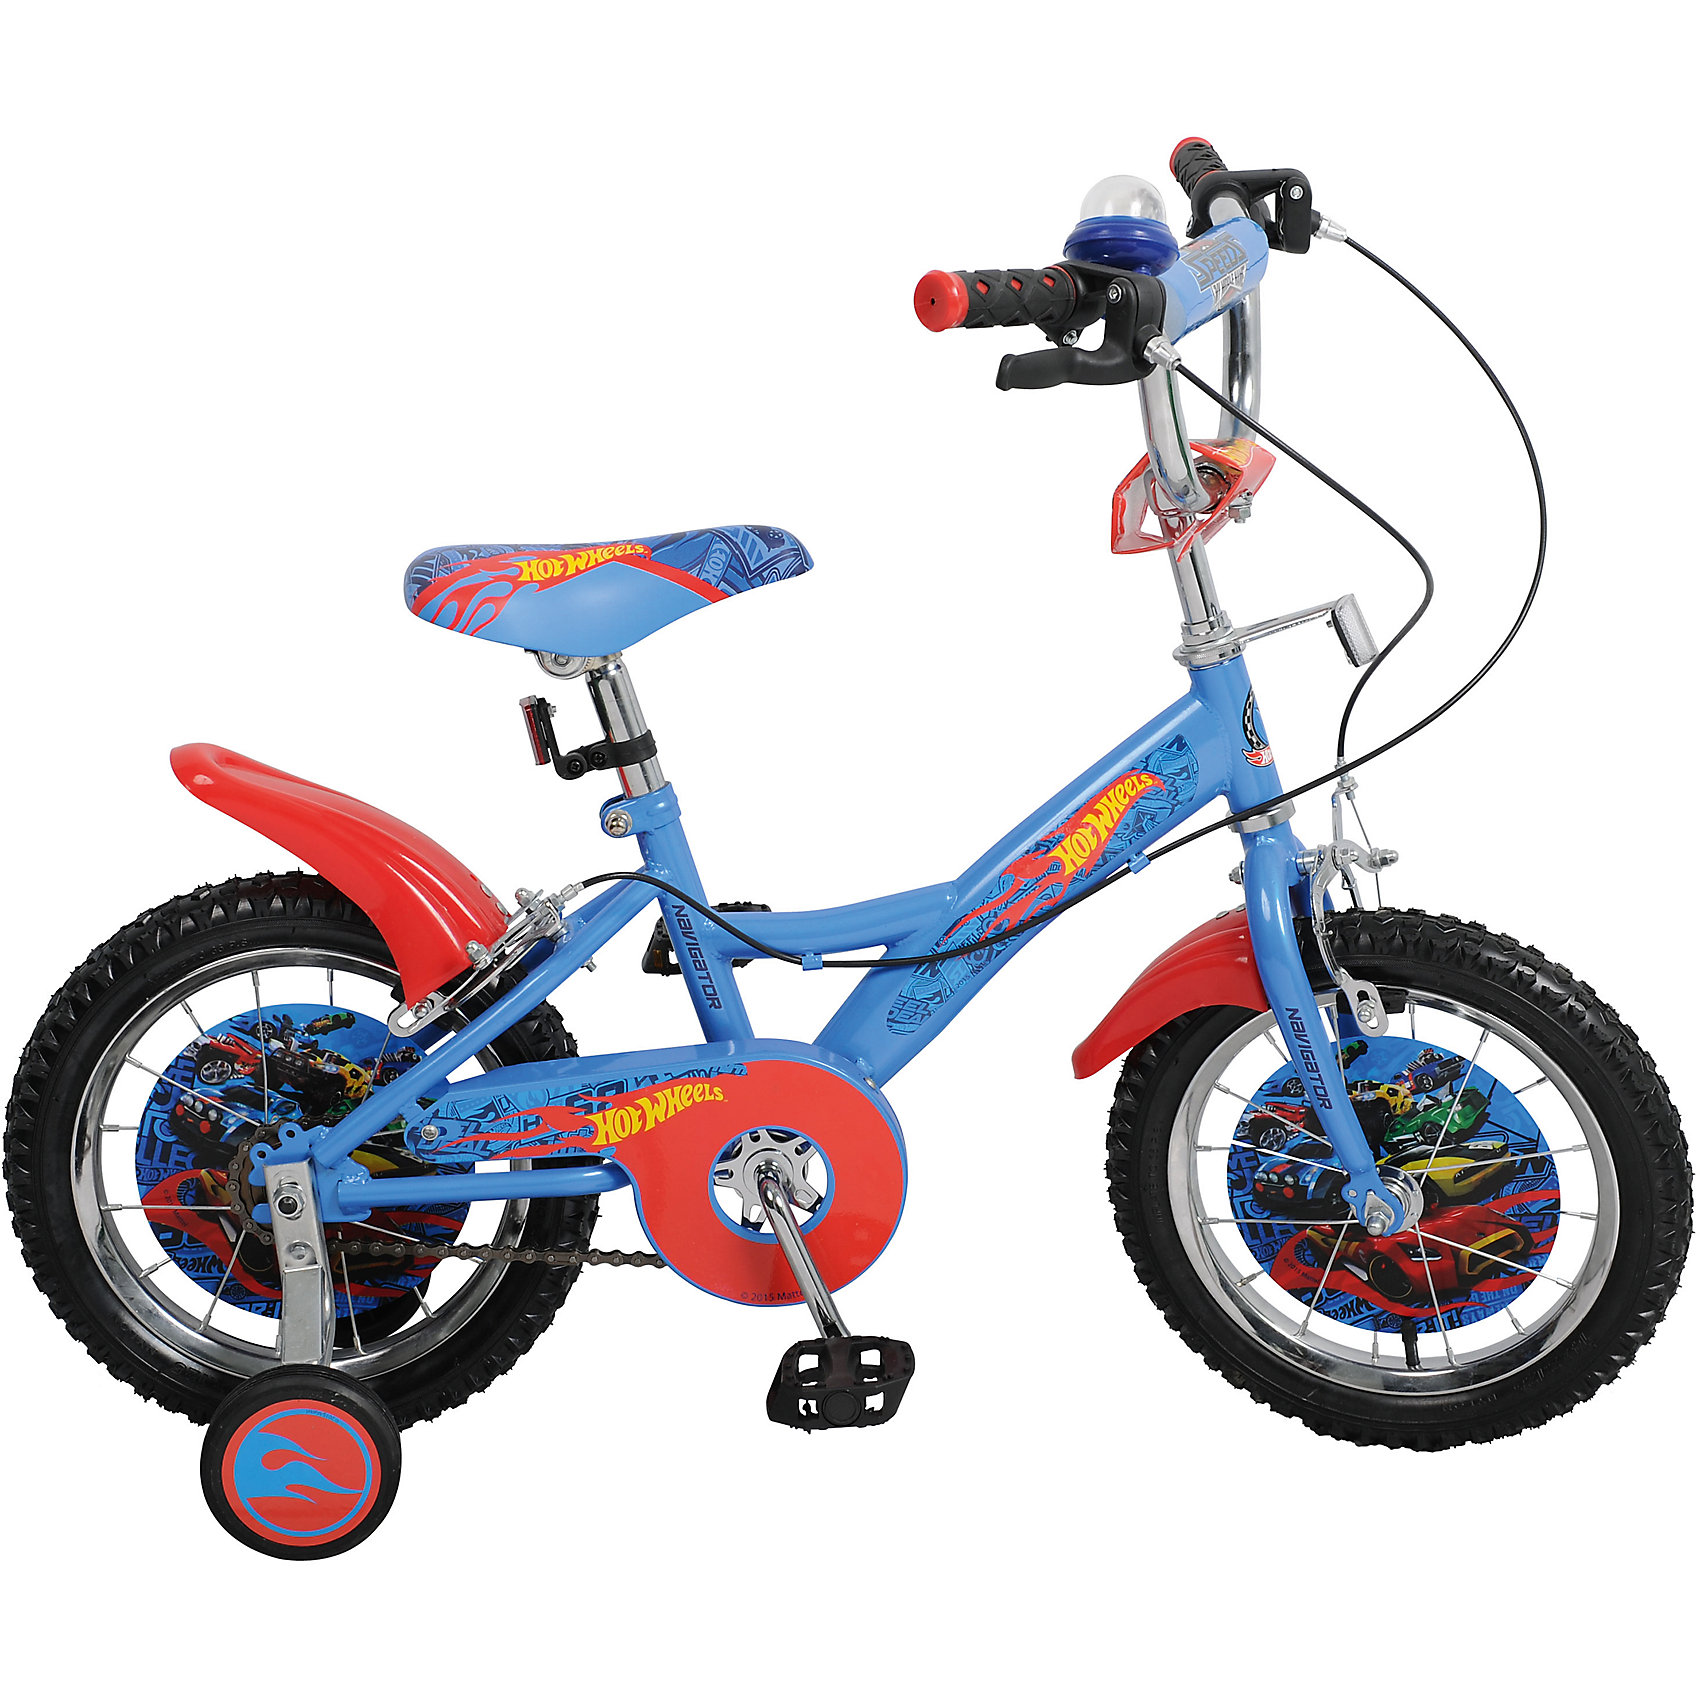 Двухколесный велосипед KITE, Hot Wheel, TopGearHot Wheels<br>Характеристики товара:<br><br>• материал: металл, полимер<br>• цвет: голубой<br>• диаметр колес: 14 дюймов<br>• дополнительные страховочные колеса<br>• удобный руль <br>• защитные крылья<br>• защита цепи<br>• стальная прочная рама<br>• регулировка сиденья по высоте<br>• багажник<br>• мягкое удобное сиденье<br>• светоотражающие элементы<br>• педали с рифленой поверхностью<br>• принт<br>• рост: до 125 см<br>• надежные материалы<br>• бутиловые шины хорошо удерживают воздух <br>• продуманная конструкция<br>• яркий цвет<br>• возраст: от 3 лет<br>• ручные тормоза<br>• вес: 9 кг<br><br>Подарить малышу такой велосипед - значит, помочь развитию ребенка. Он способствует скорейшему развитию способности ориентироваться в пространстве, развивает физические способности, мышление и ловкость. Помимо этого, кататься на нём - очень увлекательное занятие!<br><br>Этот велосипед разработан специально для детей. В комплект входят дополнительные страховочные колеса, которые можно снять, когда ребенок научится уверенно ездить. Данная модель выполнена в ярком дизайне, отличается продуманной конструкцией и деталями, которые обеспечивают безопасность ребенка. Отличный подарок для активного малыша!<br><br>Двухколесный велосипед KITE, Hot Wheel, TopGear от бренда Navigator можно купить в нашем интернет-магазине.<br><br>Ширина мм: 800<br>Глубина мм: 360<br>Высота мм: 170<br>Вес г: 9600<br>Возраст от месяцев: 48<br>Возраст до месяцев: 2147483647<br>Пол: Мужской<br>Возраст: Детский<br>SKU: 5440876